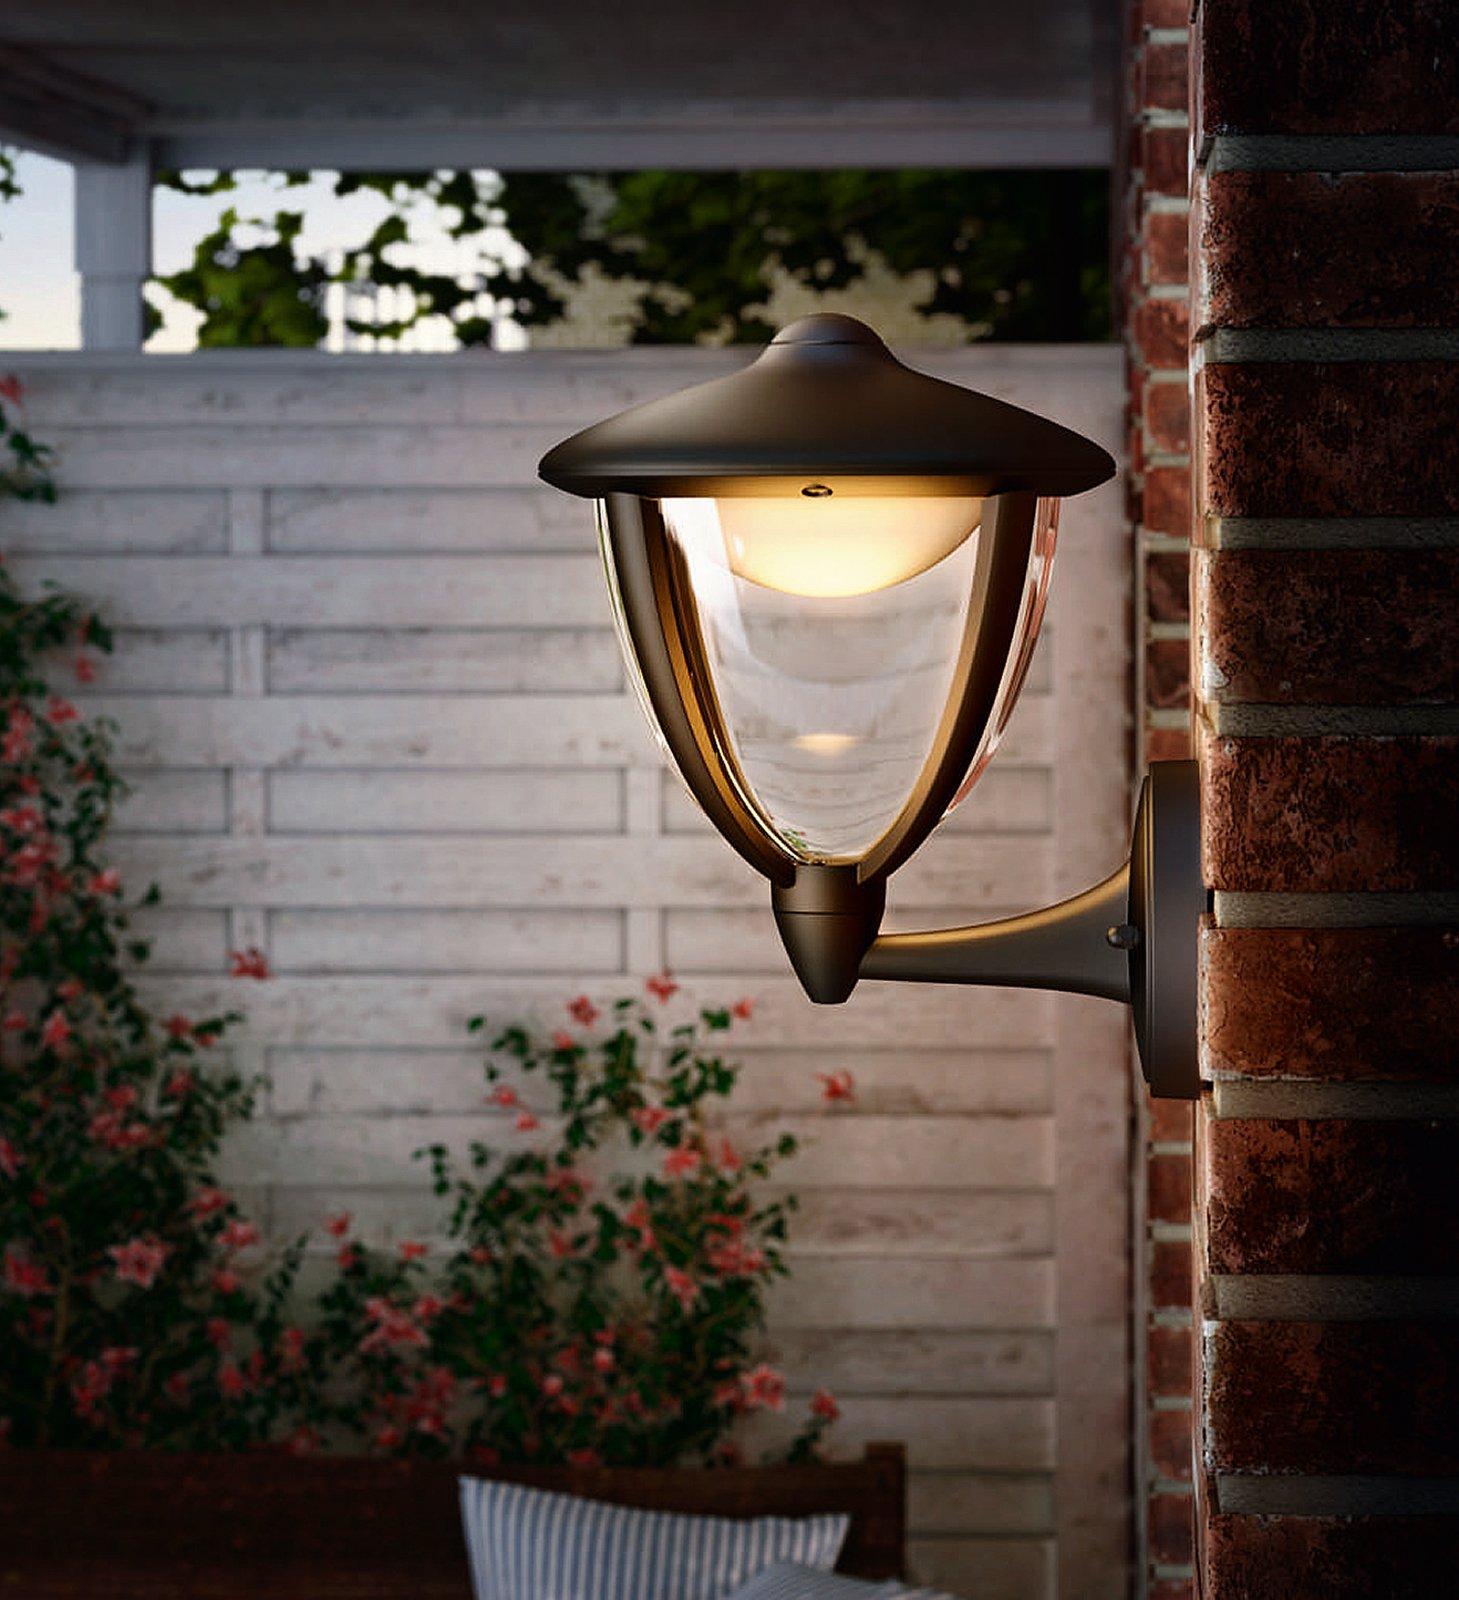 PHILIPS LED Lampada da parete esterno /'Robin/' Lampada Esterno Moderno in plastica A +